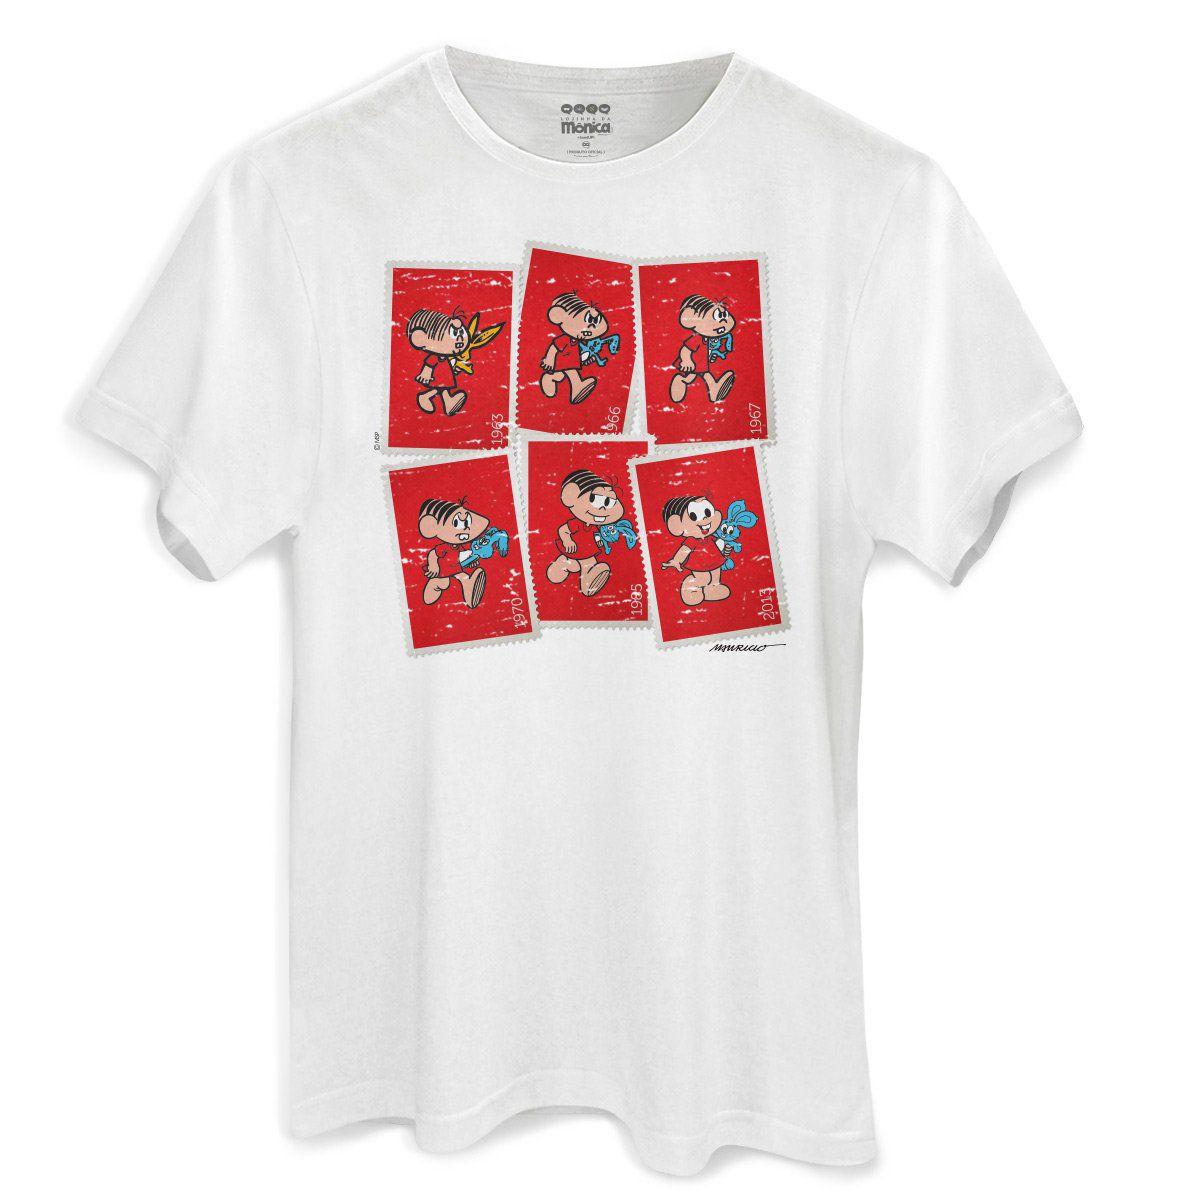 Camiseta Masculina Turma da Mônica 50 Anos Evolução Modelo 4